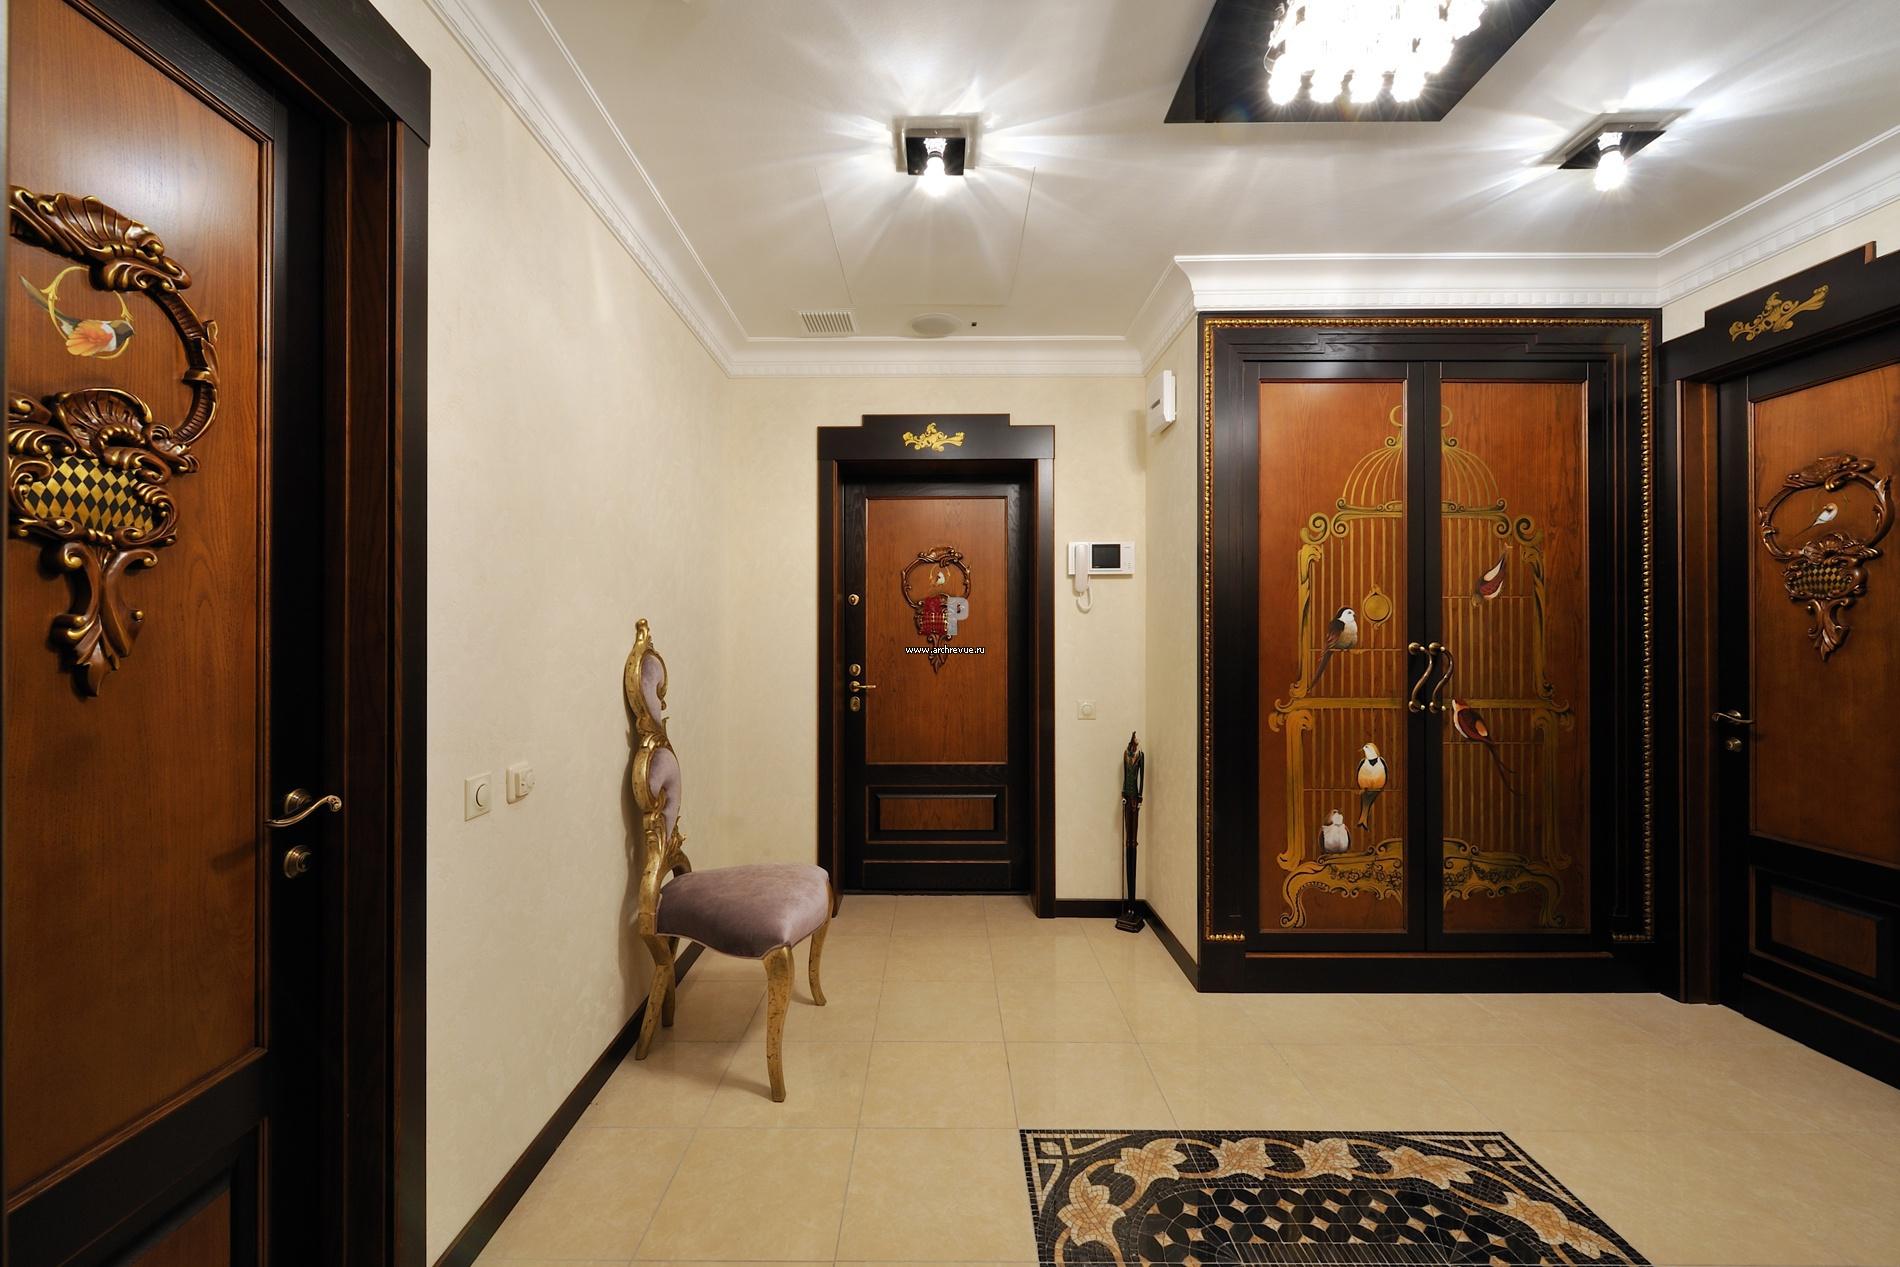 Пример правильного выбора освещения для прихожей в барокко стиле.